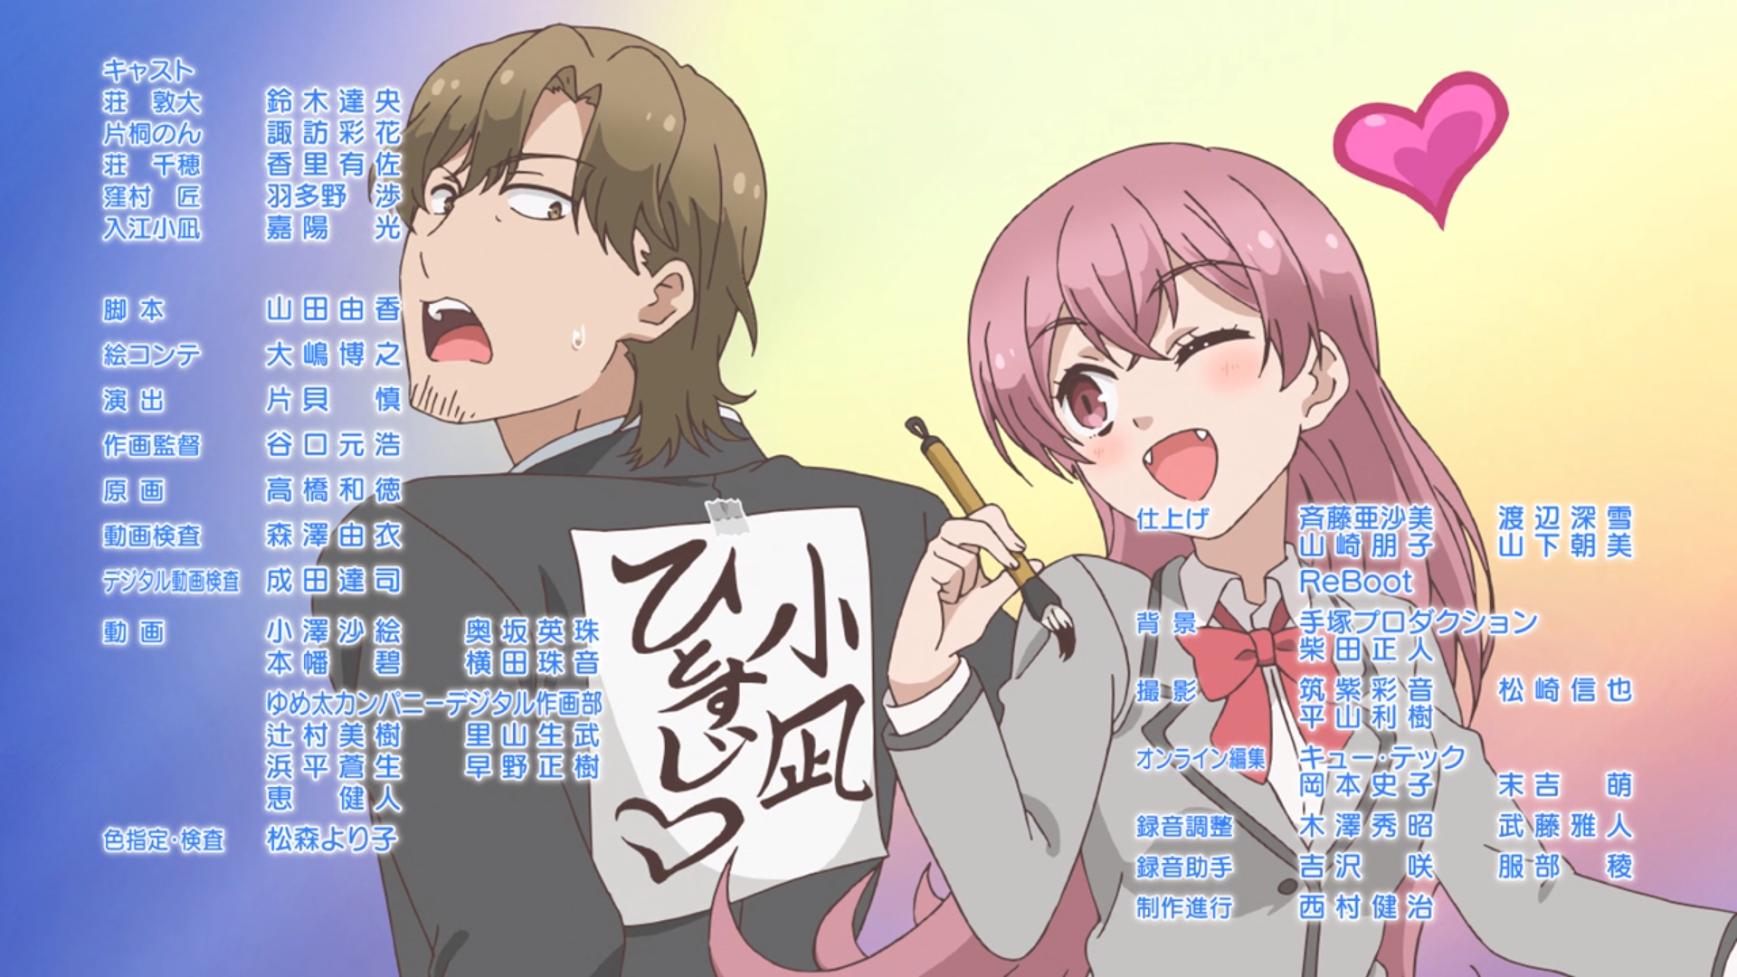 Akkun to Kanojo Anime romance, Anime, Anime watch